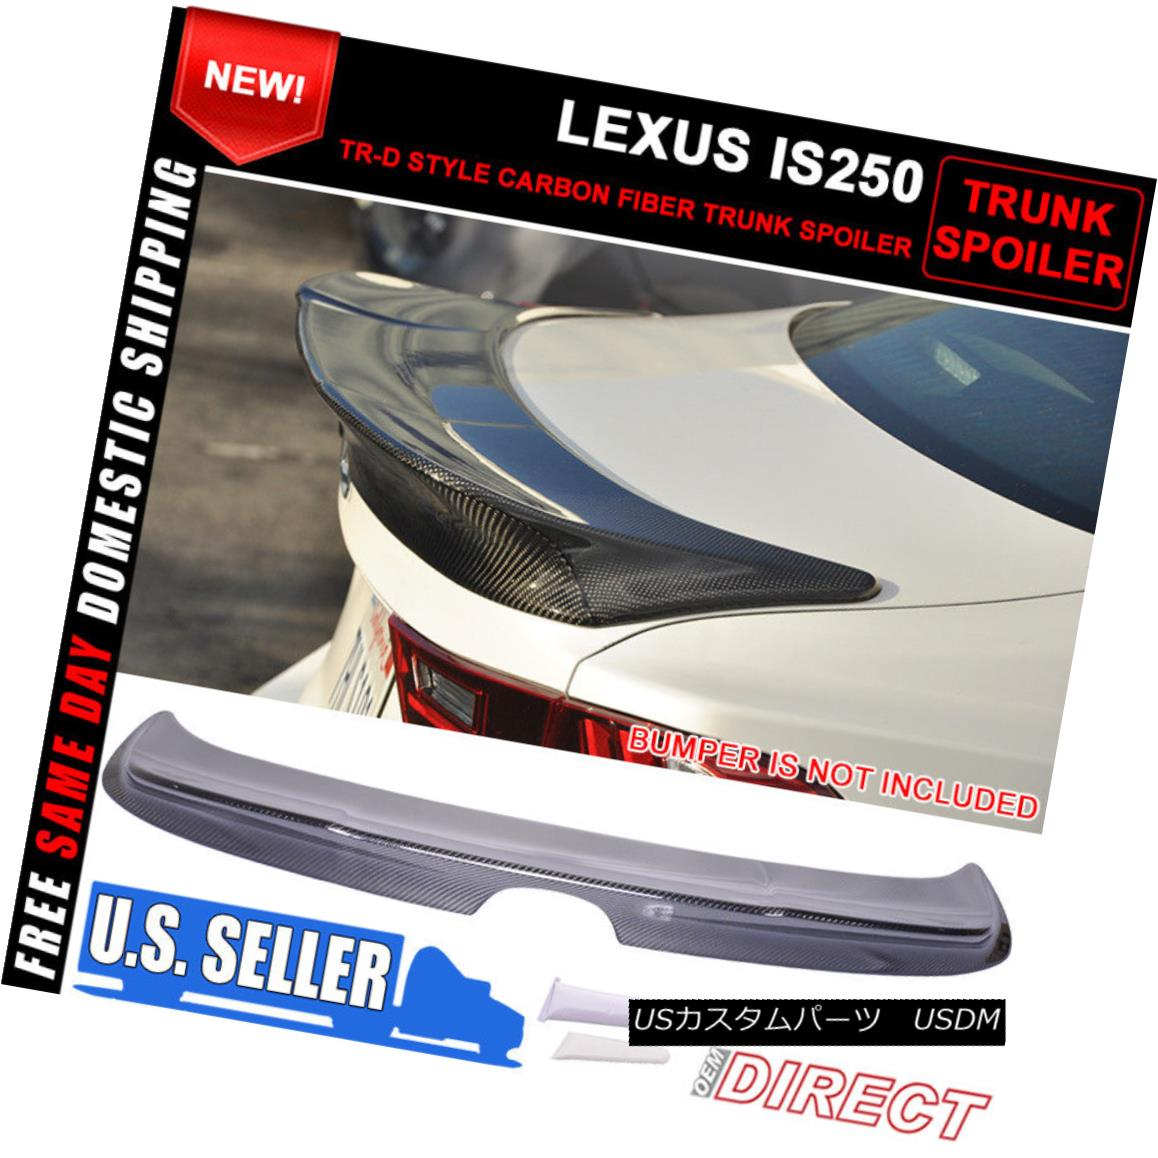 エアロパーツ For 14-16 Lexus IS250 XE30 TR-D Style Trunk Spoiler - Carbon Fiber (CF) 14?16レクサスIS250 XE30 TR-Dスタイルトランク・スポイラー - 炭素繊維(CF)